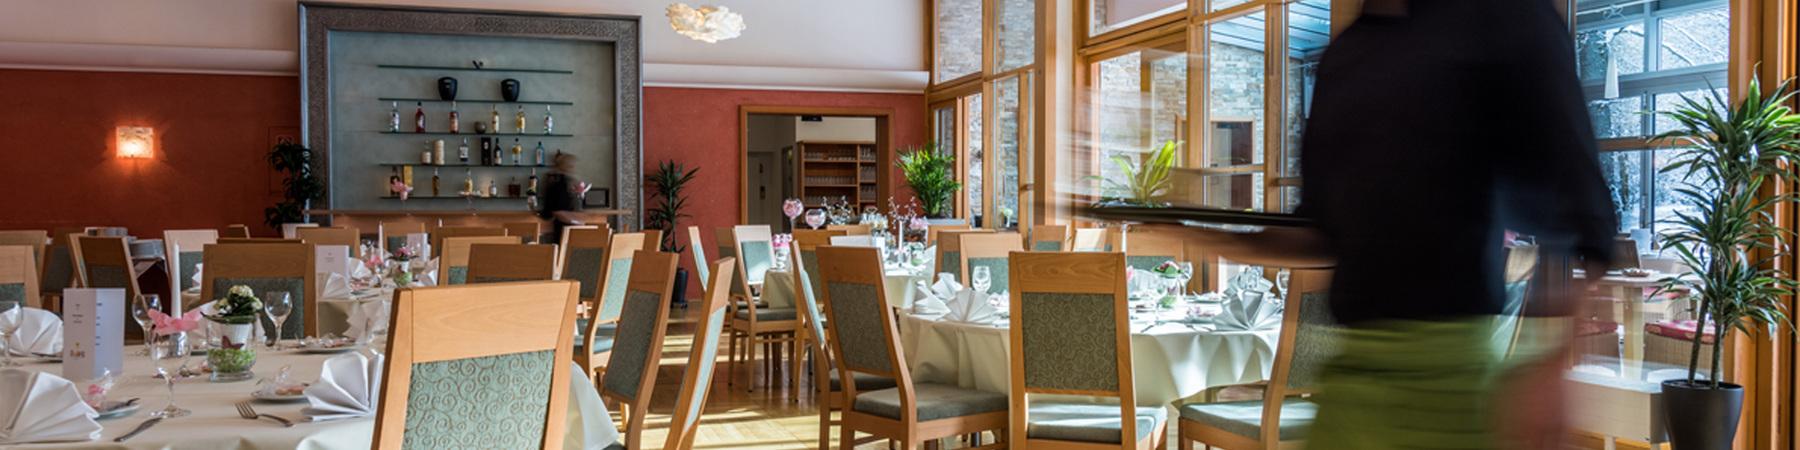 Bergers Cafe Und Dorfladen